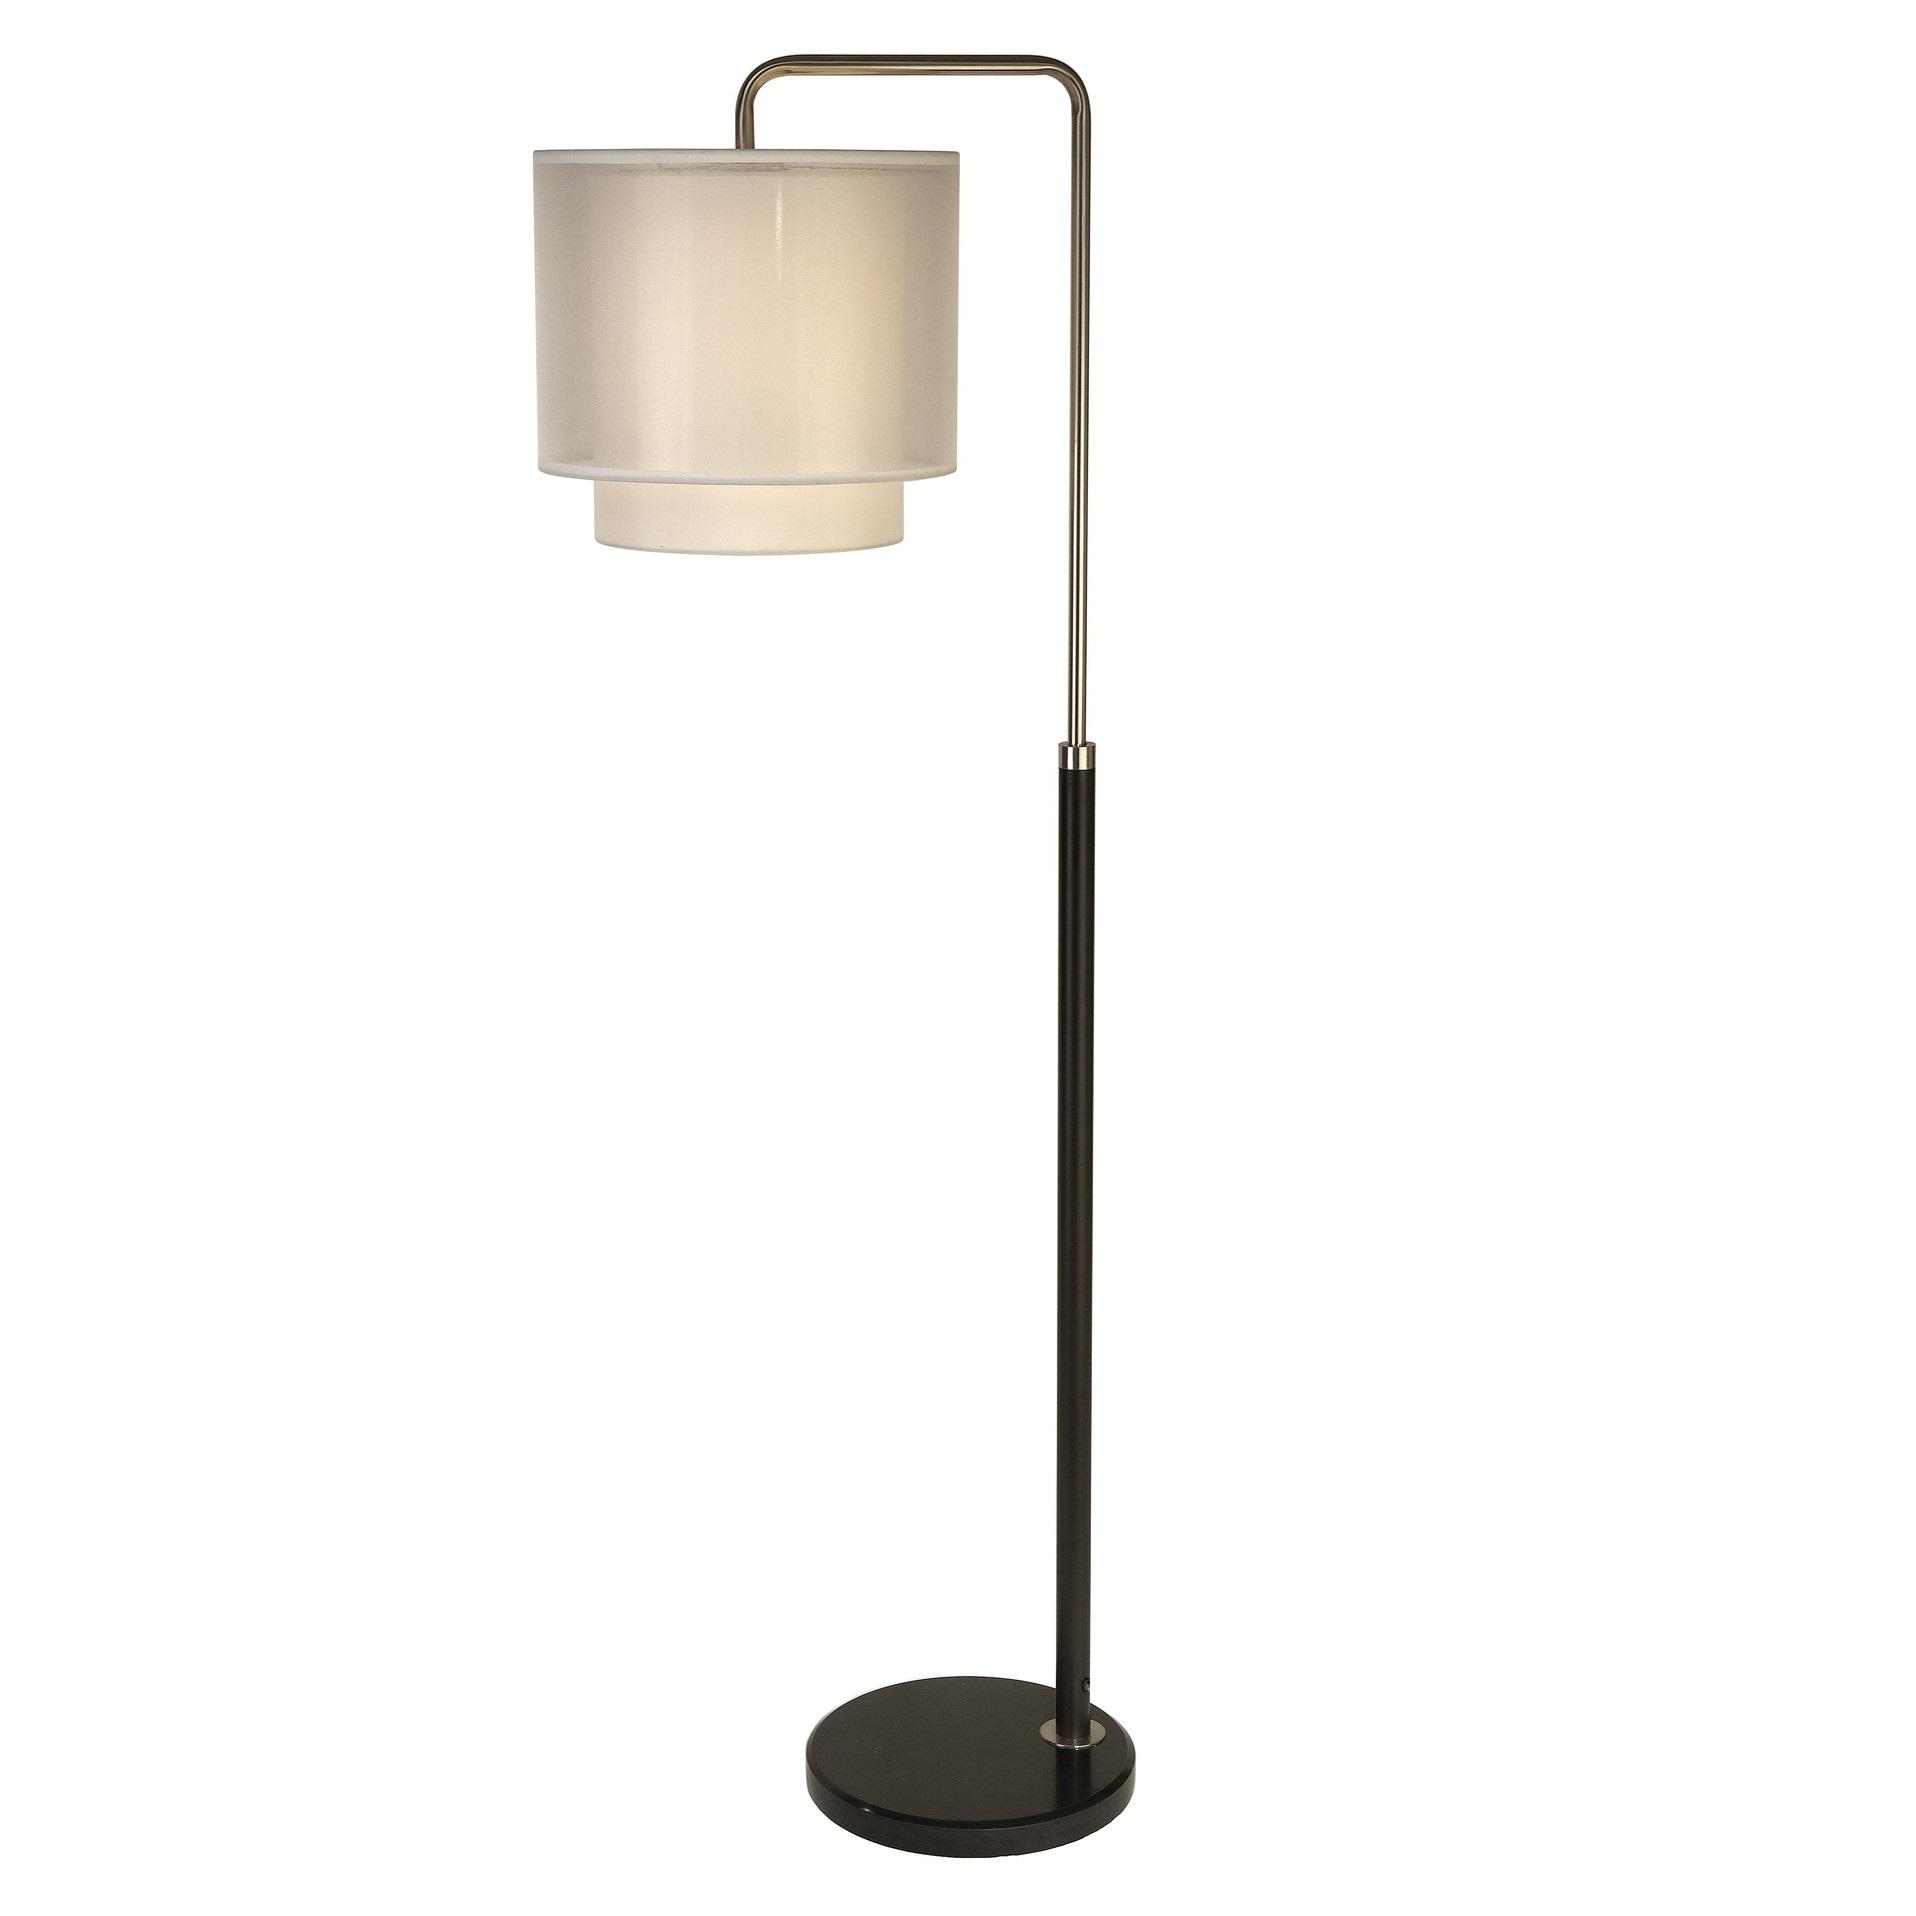 Trend Lighting Corp Roosevelt Floor Lamp